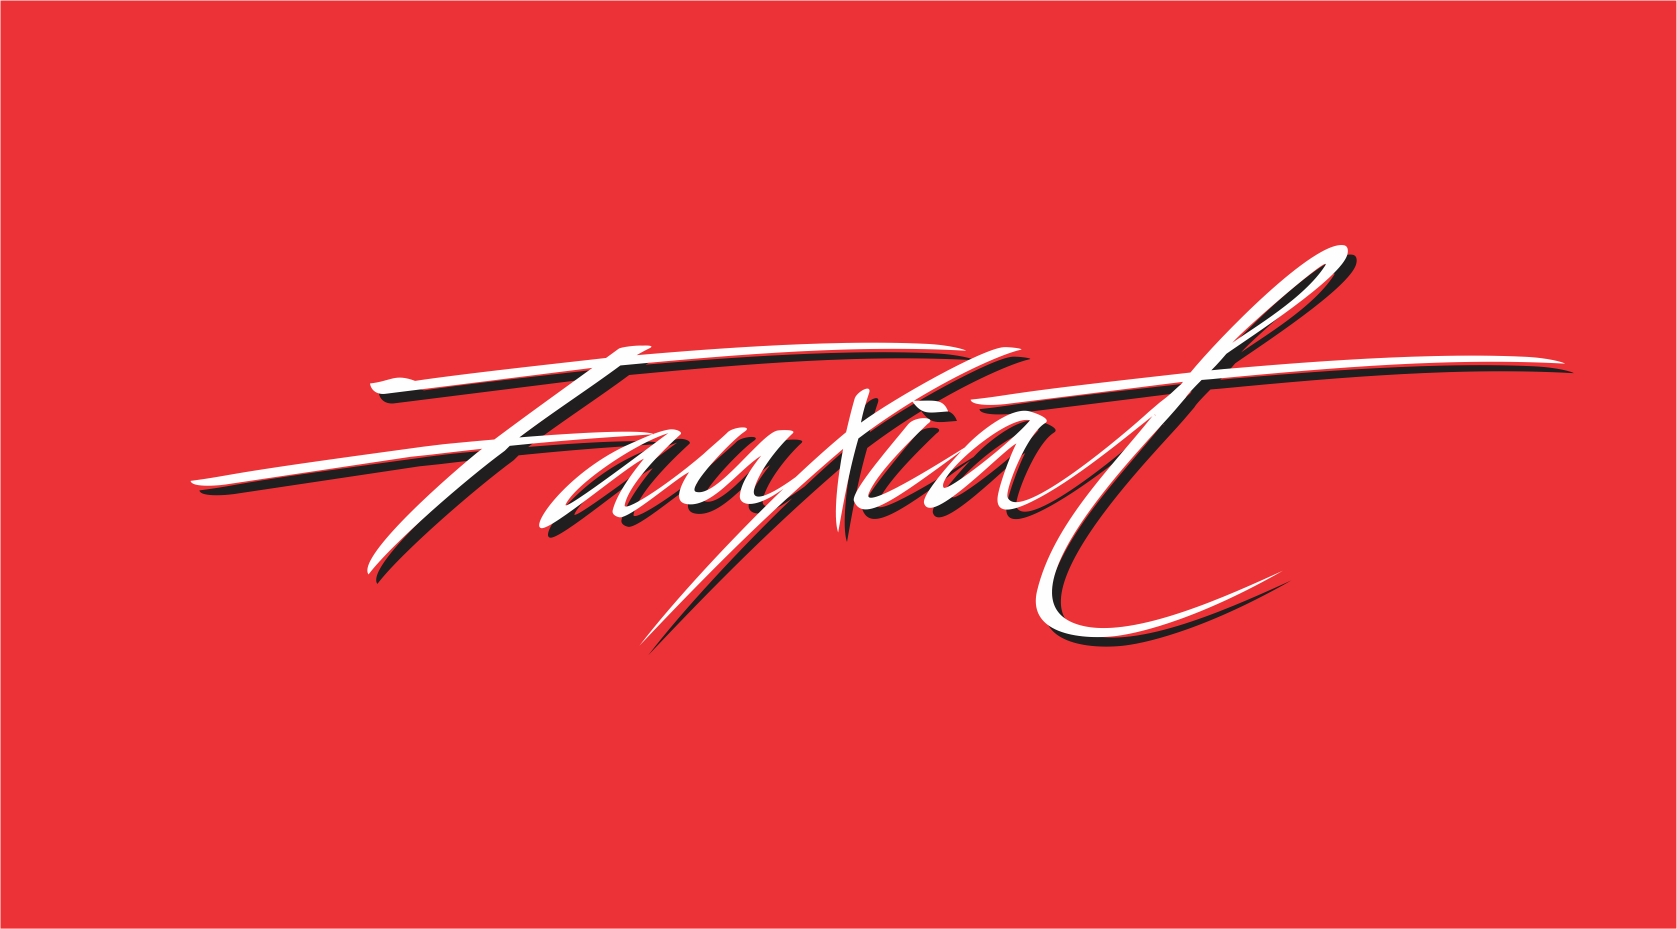 grants fauxiat logo.jpg